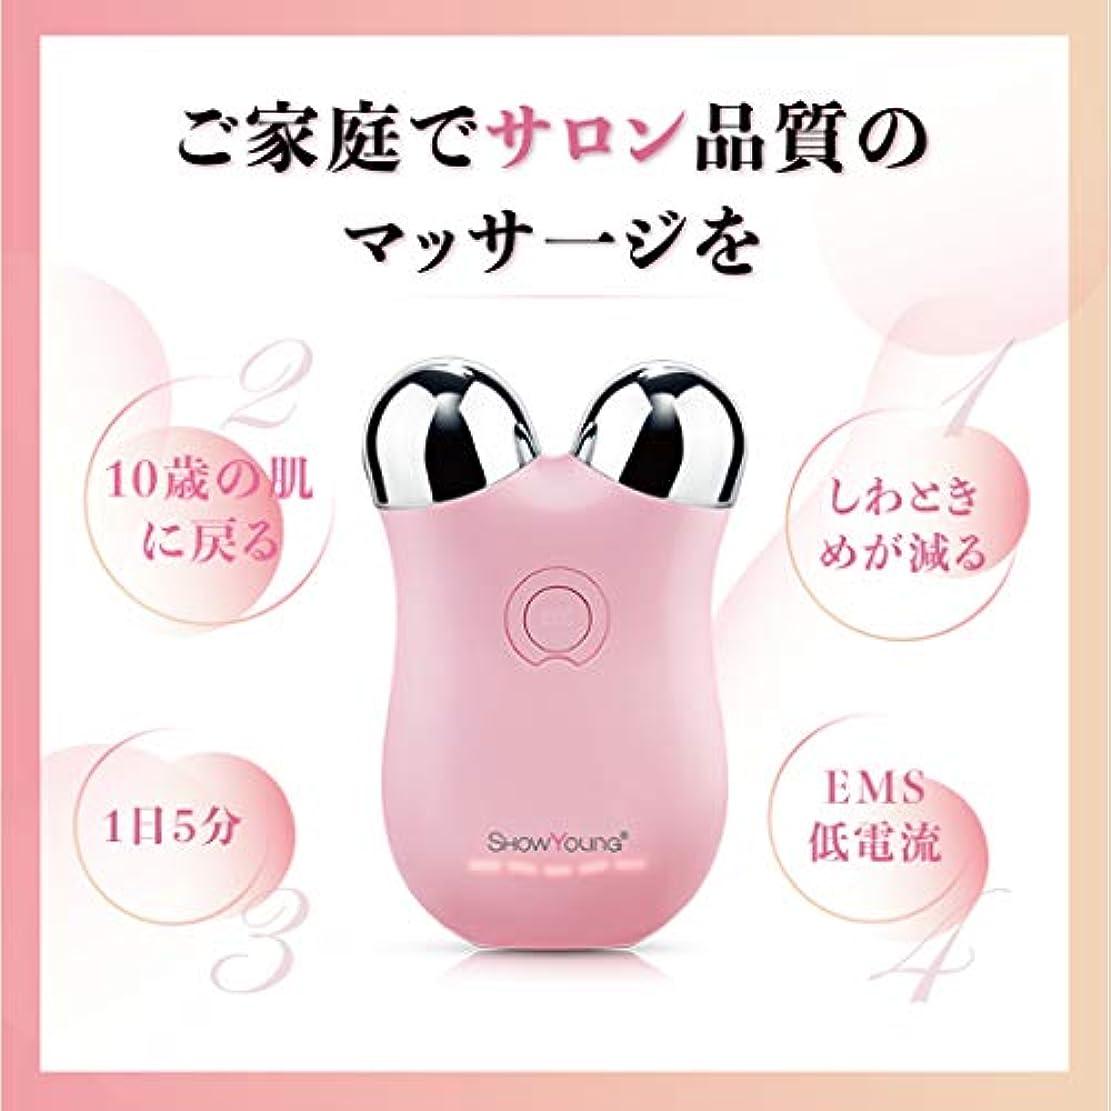 創傷潮バラエティShowyoung 微小電流ミニ顔マッサージ器、顔の調色装置、しわと細紋の減少、皮膚、リンパのマッサージ、調整の質、2年の品質の保証に用いる。